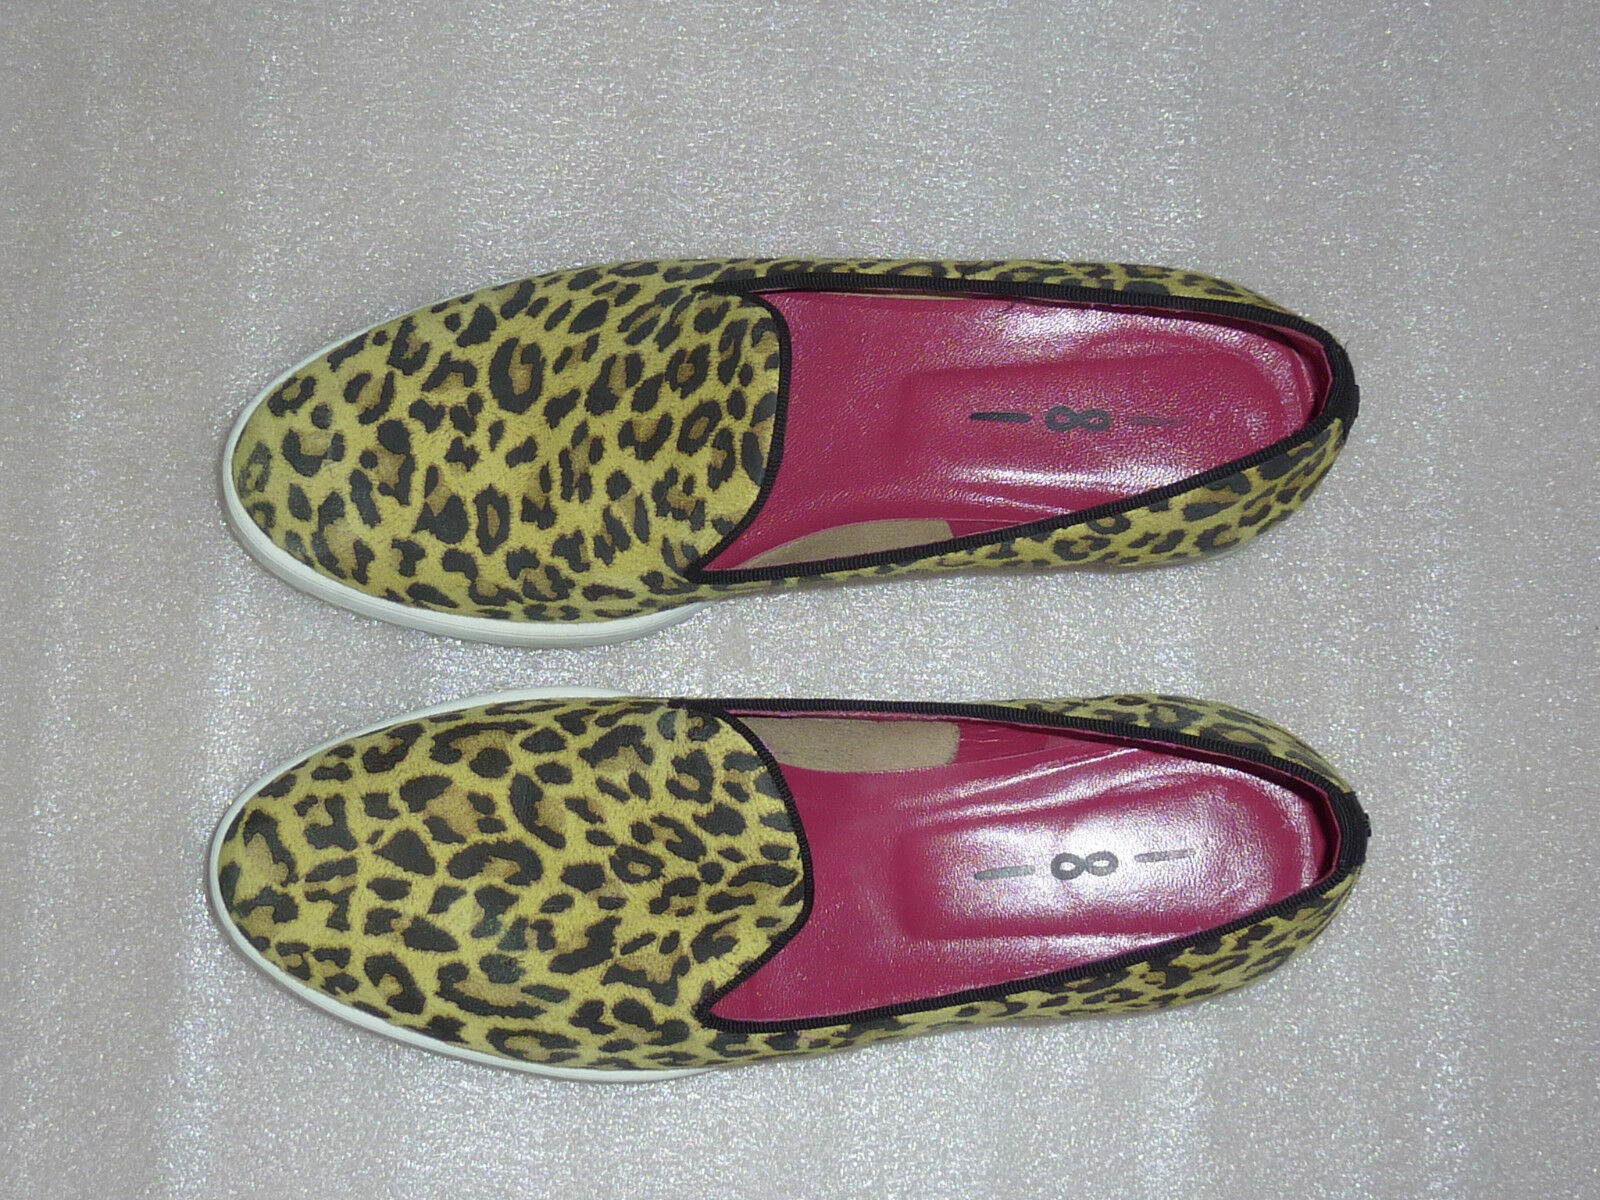 Italienische Designerschuhe 181 uno Schlupfschuhe 8 uno Leomuster 38 Schlupfschuhe uno scarpe loaf 9efc5b